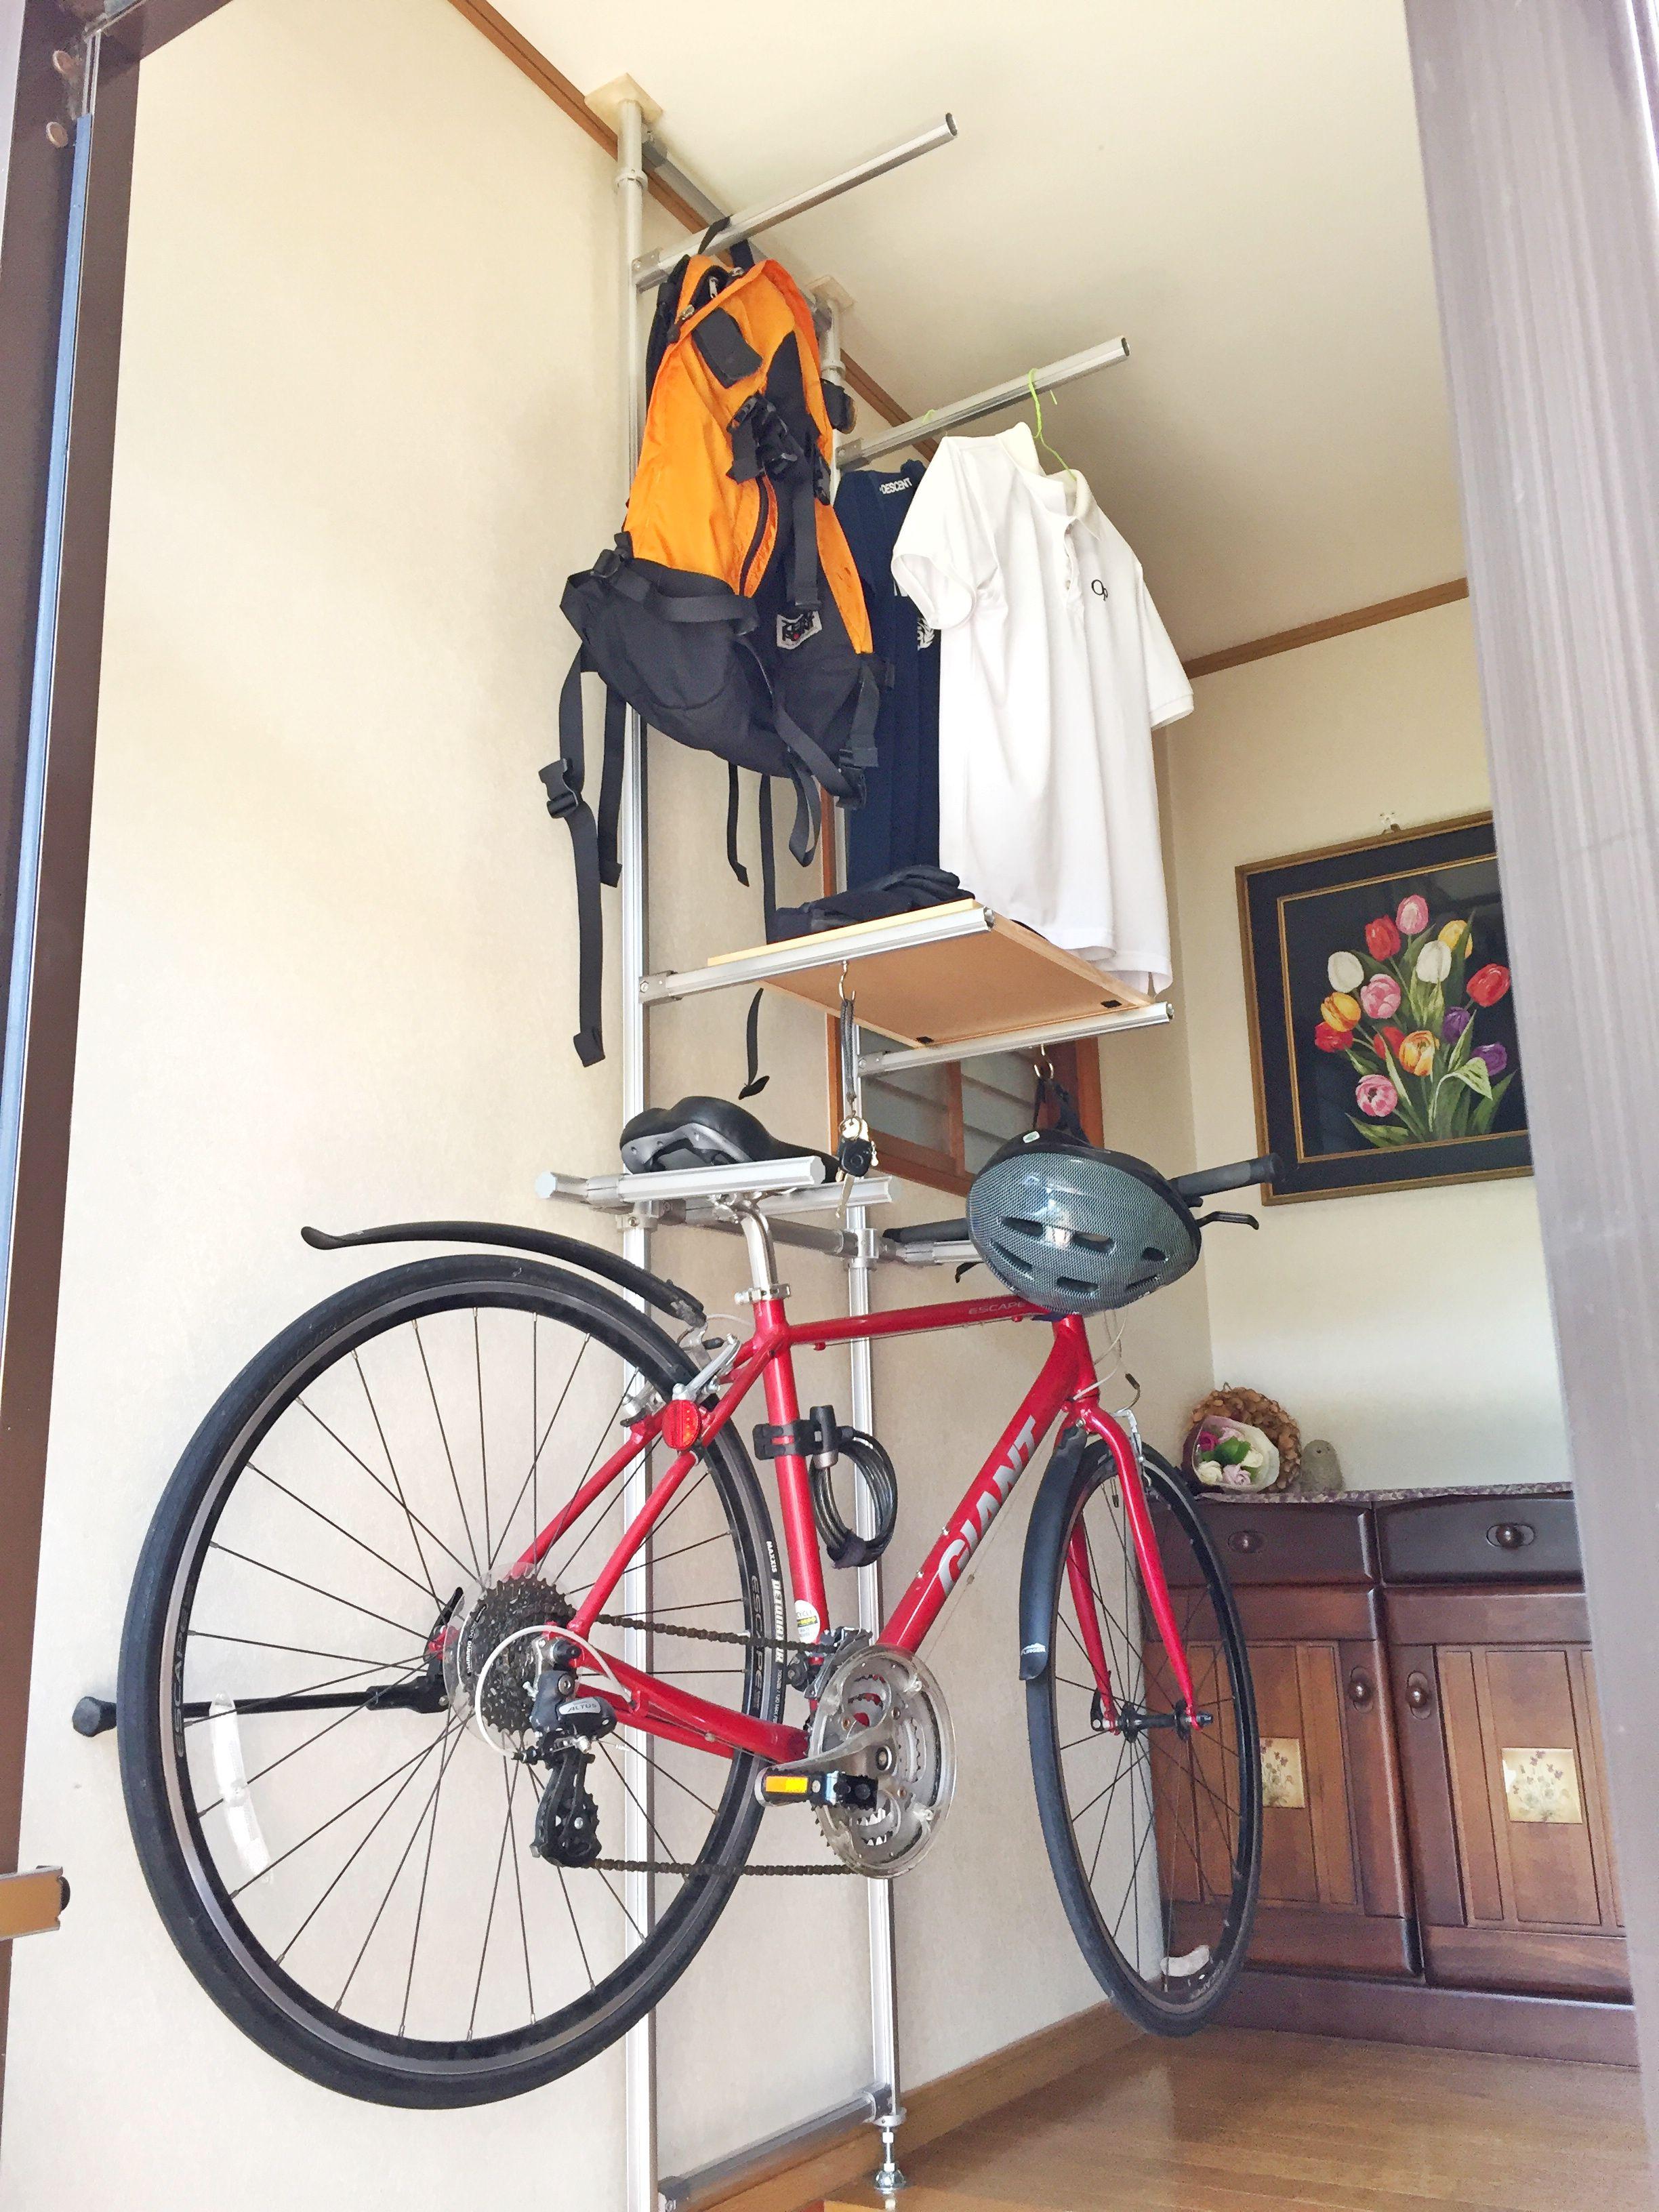 壁掛けロードバイクスタンドをアルミパイプでdiy Diy 100均 収納